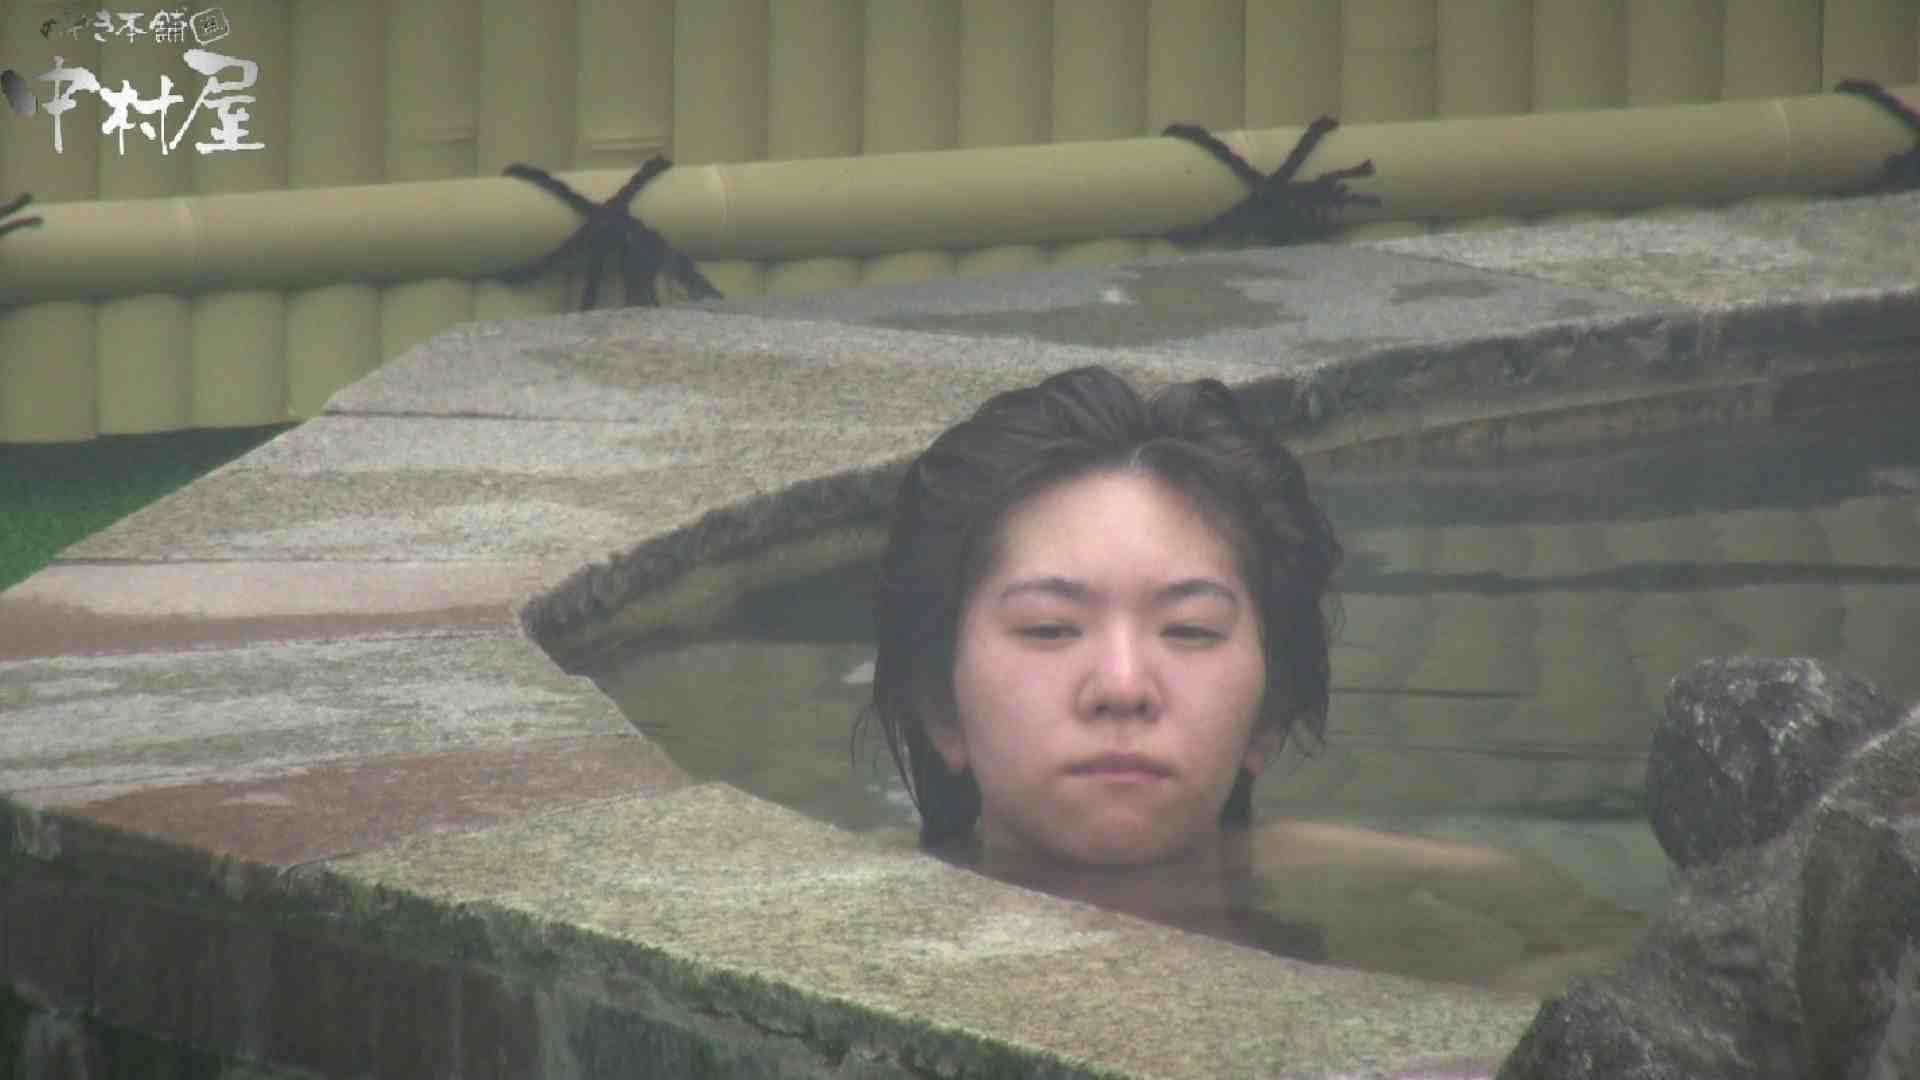 Aquaな露天風呂Vol.907 OL女体 | 女体盗撮  95連発 10